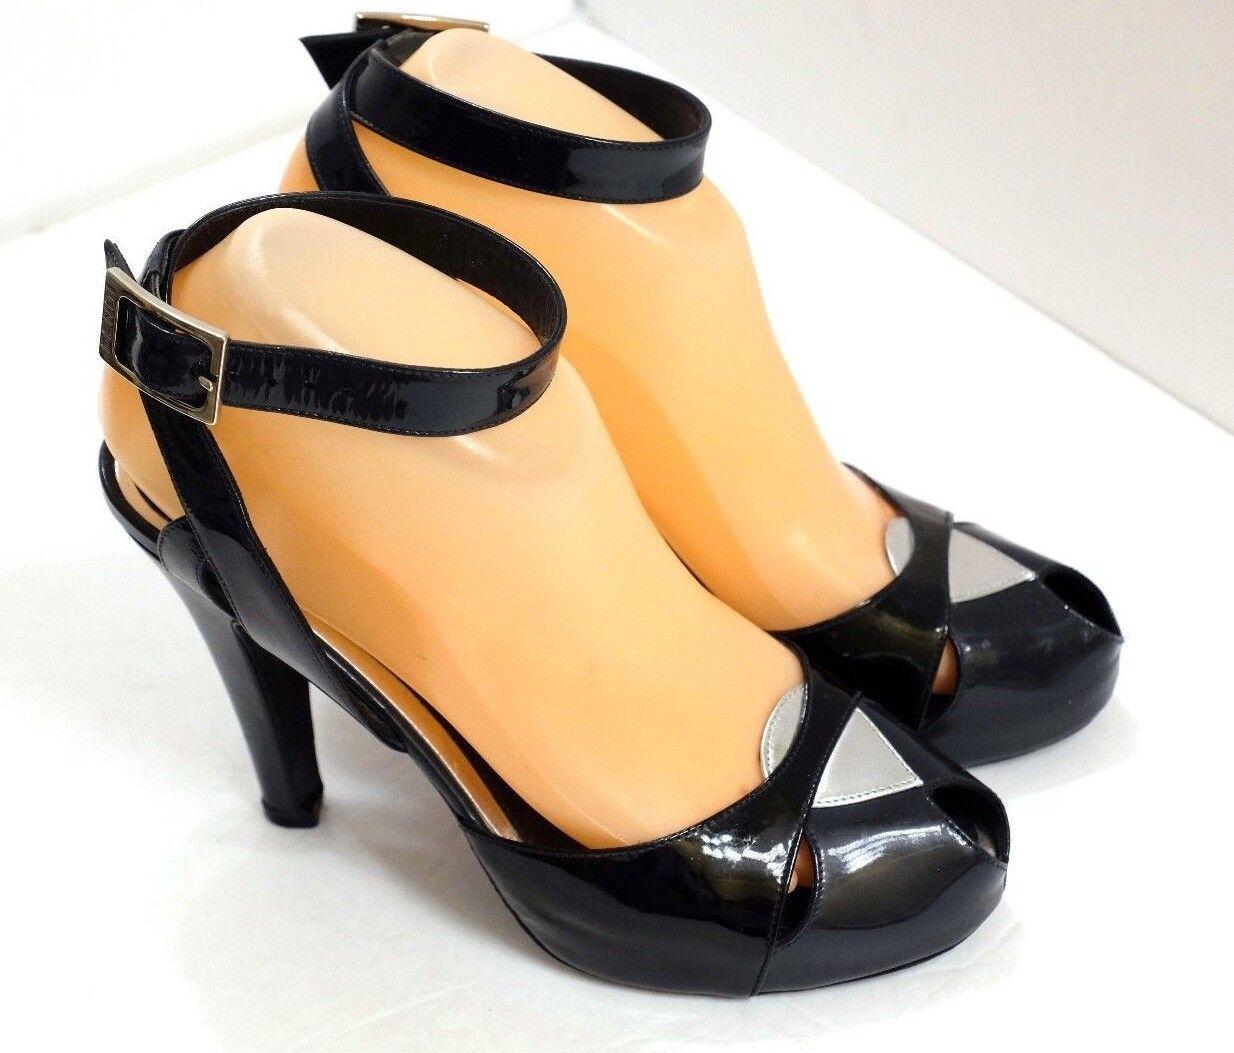 VGUC Genuine Fendi Women's EU 37 1 2 US 7 Black Patent Leather Ankle Strap Pumps